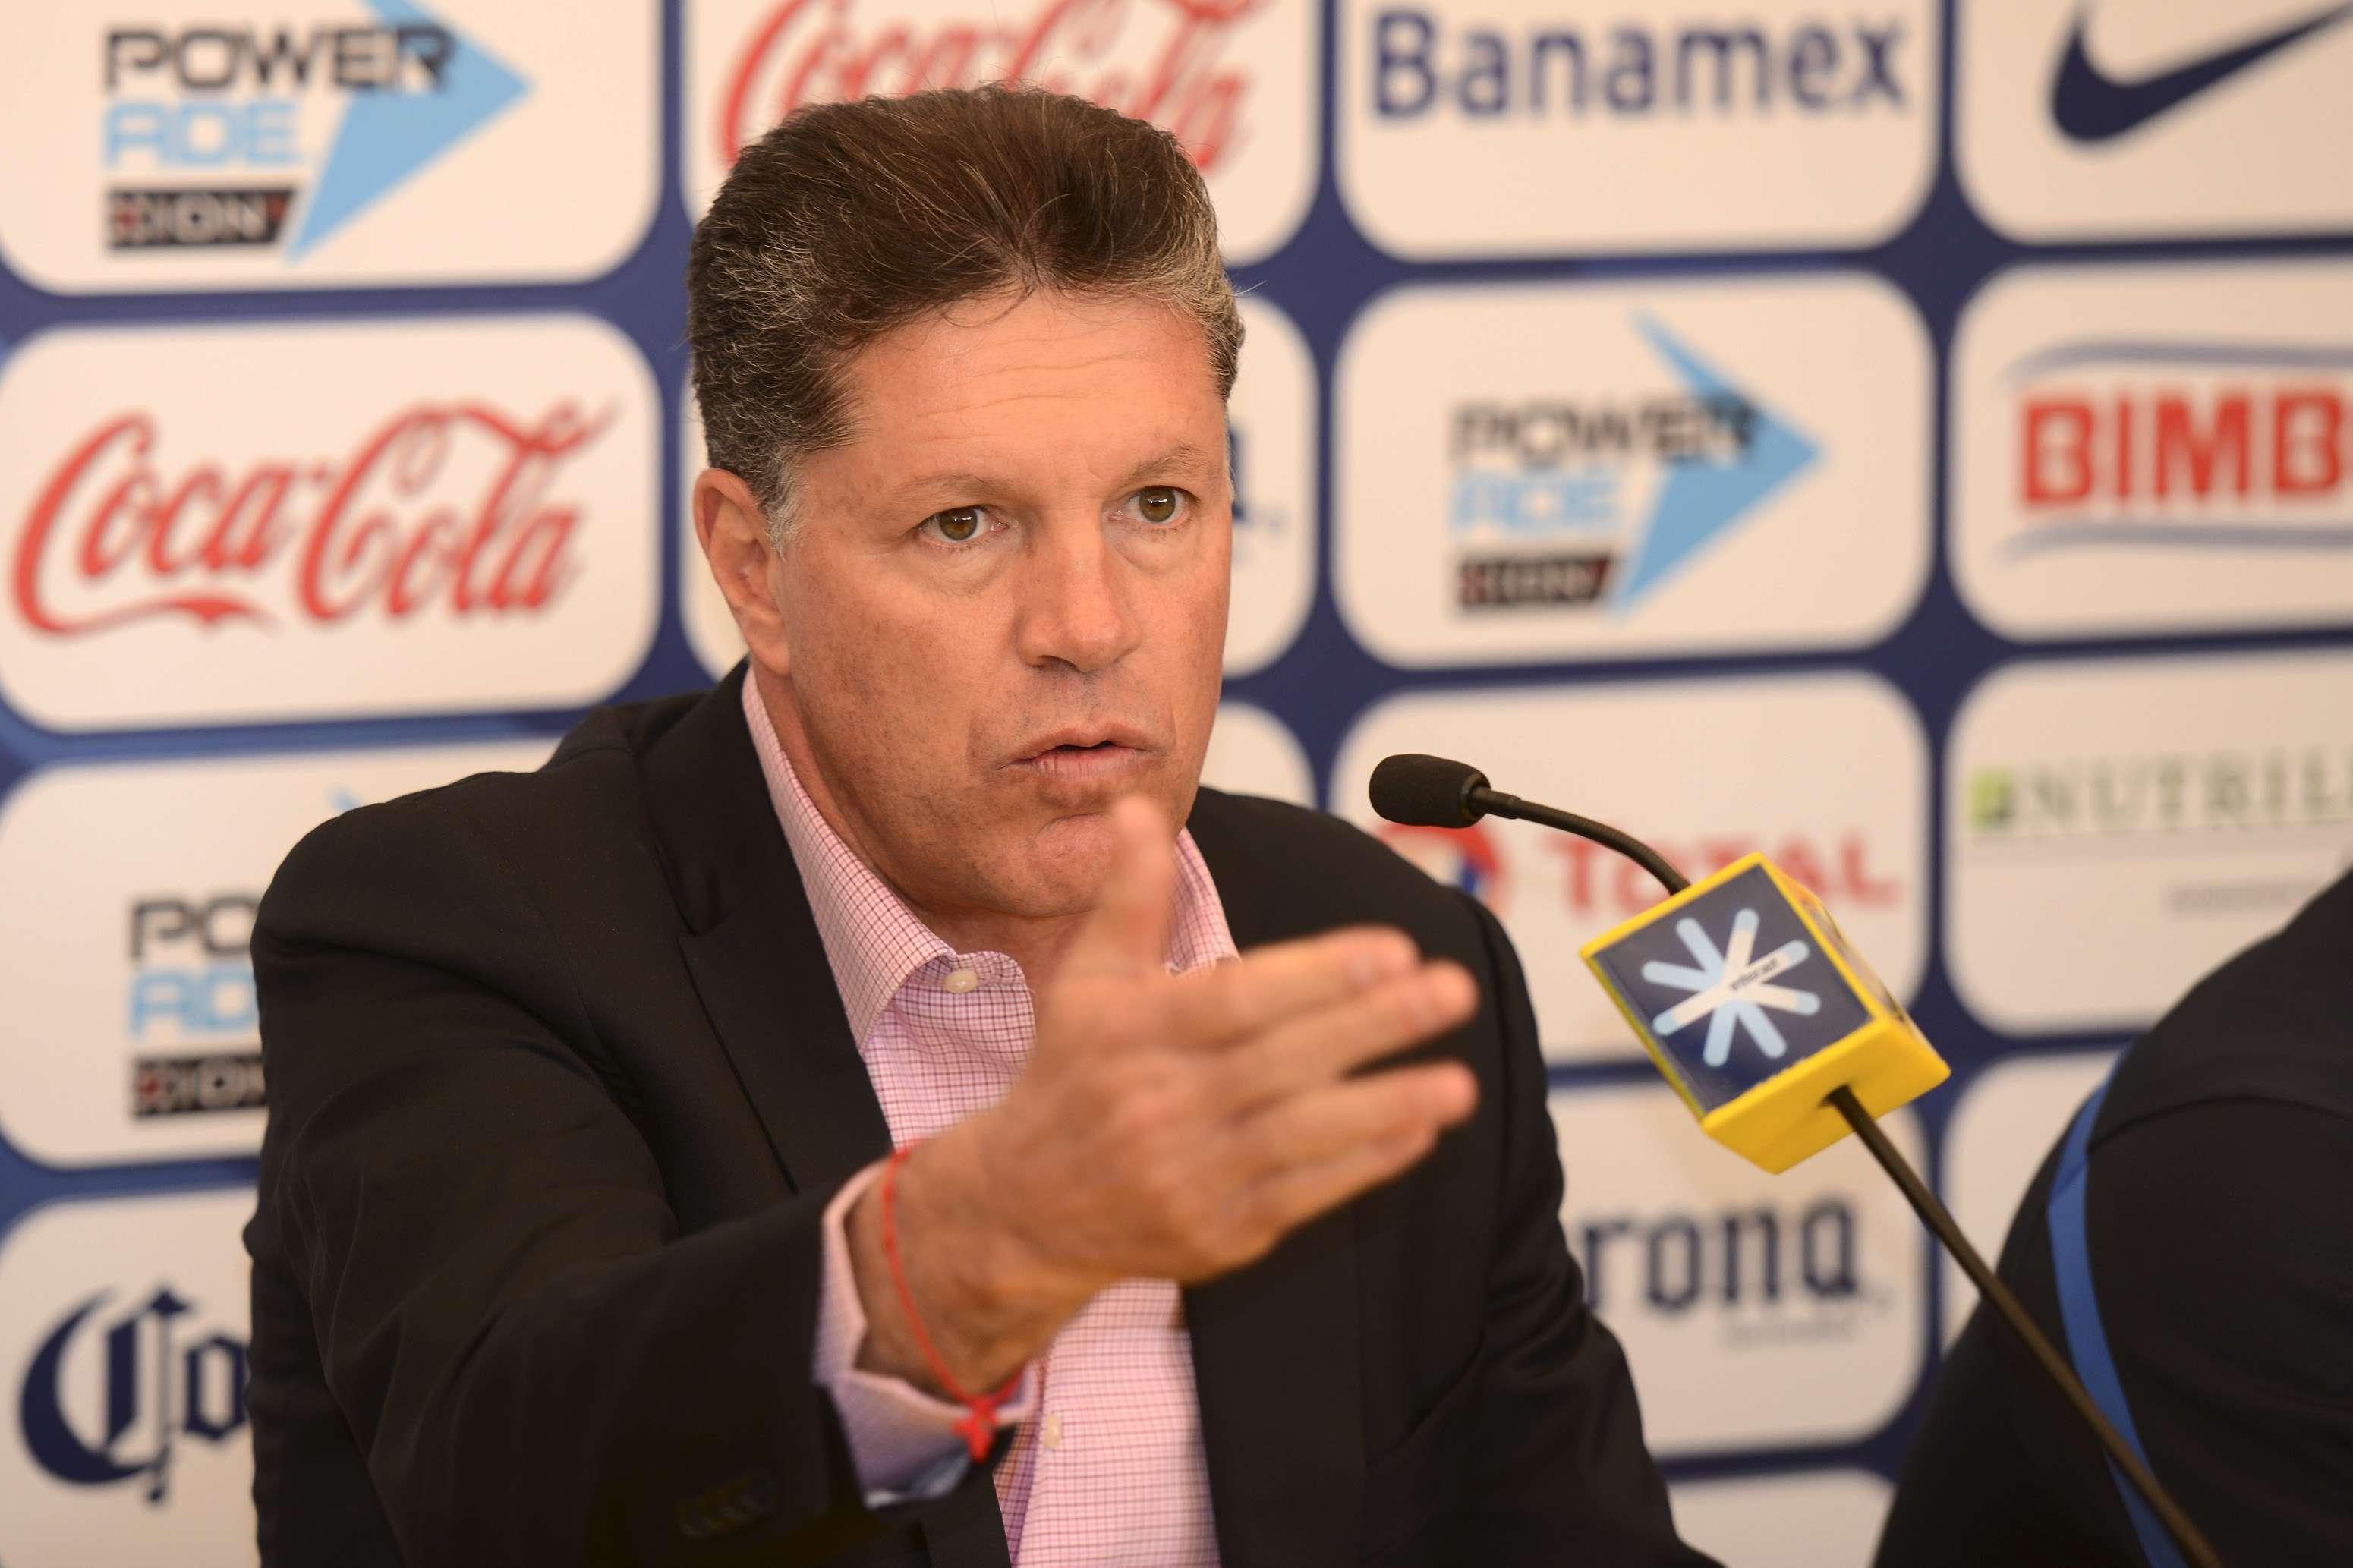 Ricardo Peláez Cruz Azul Nuevo Director Deportivo Apertura 2018